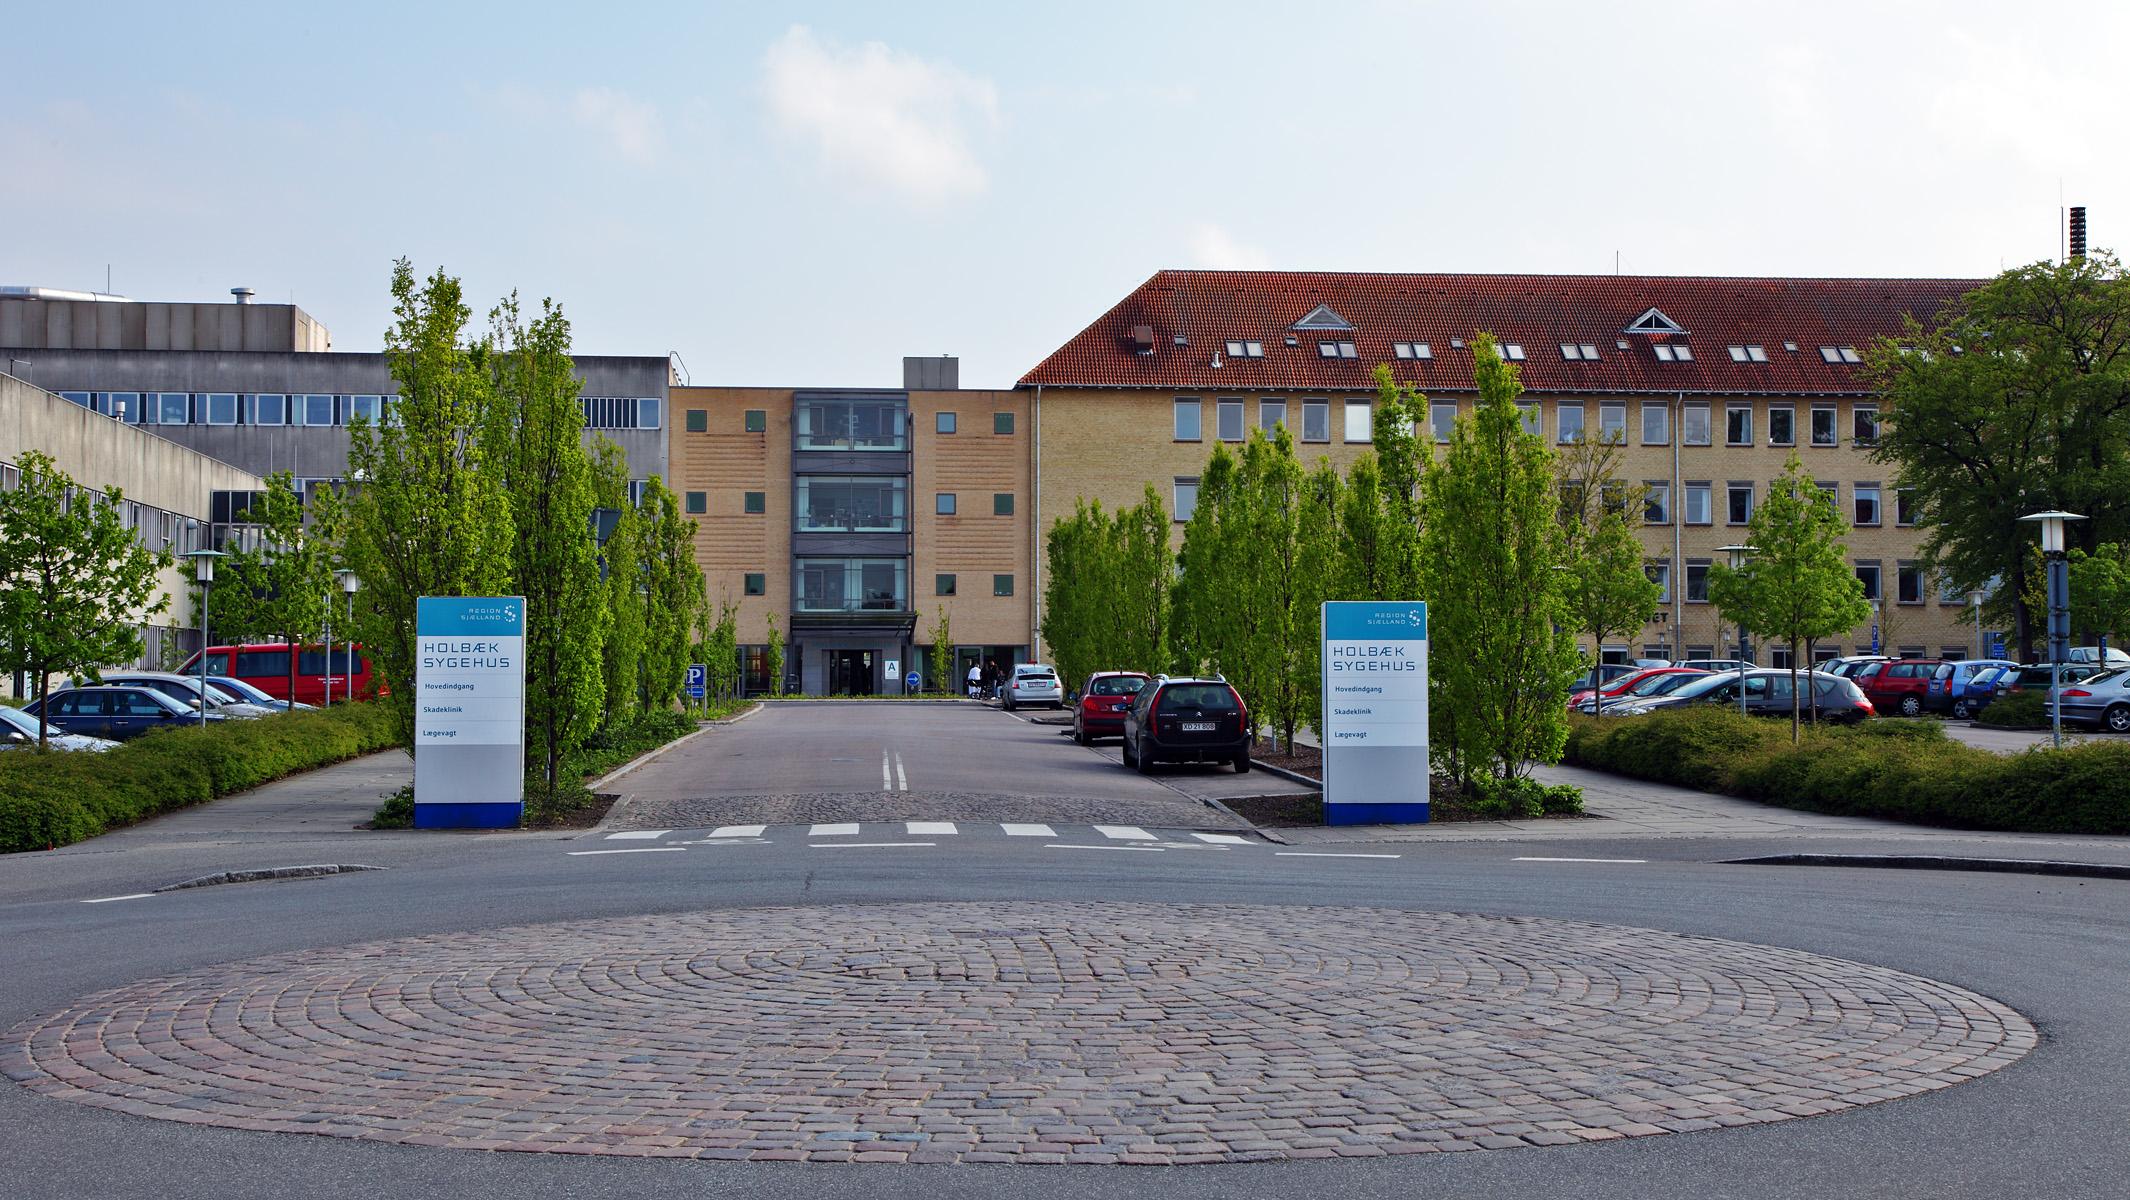 Holbæk Sygehus